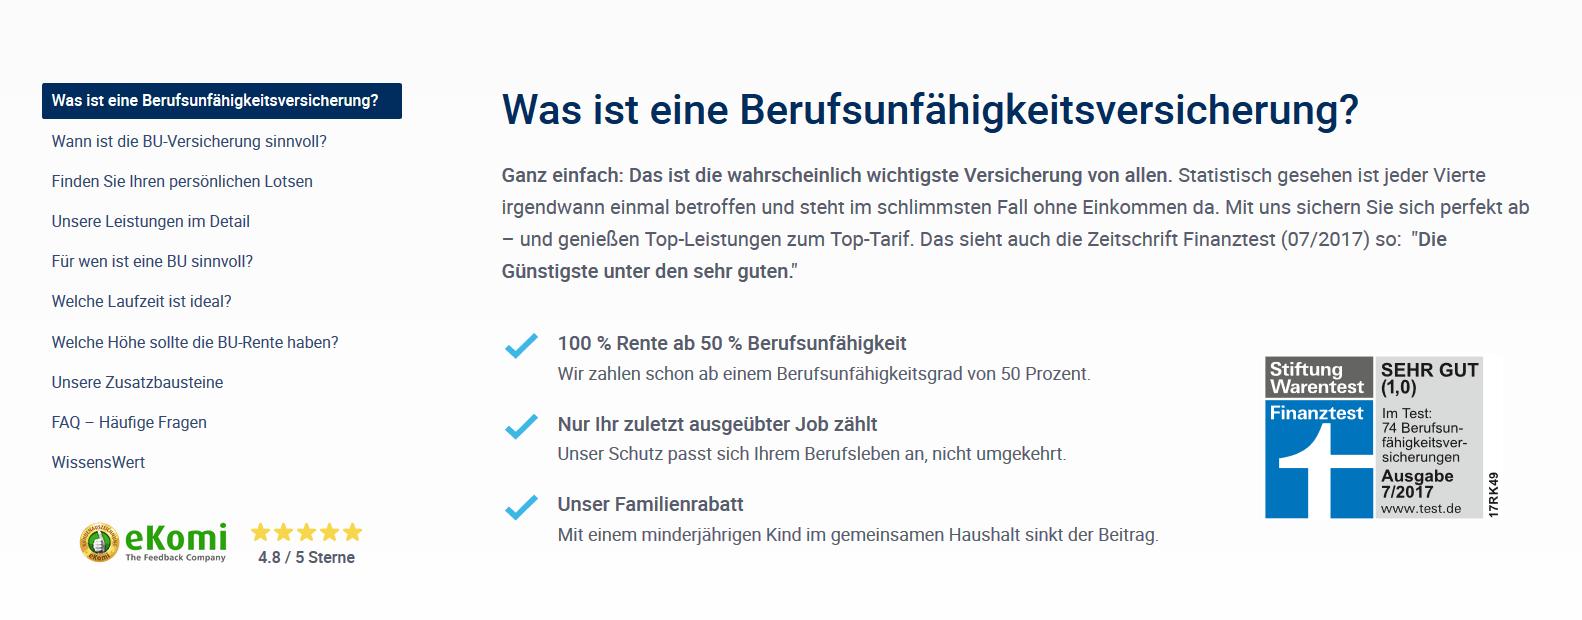 Hannoversche Berufsunfahigkeitsversicherung 08 2019 Test Erfahrungen